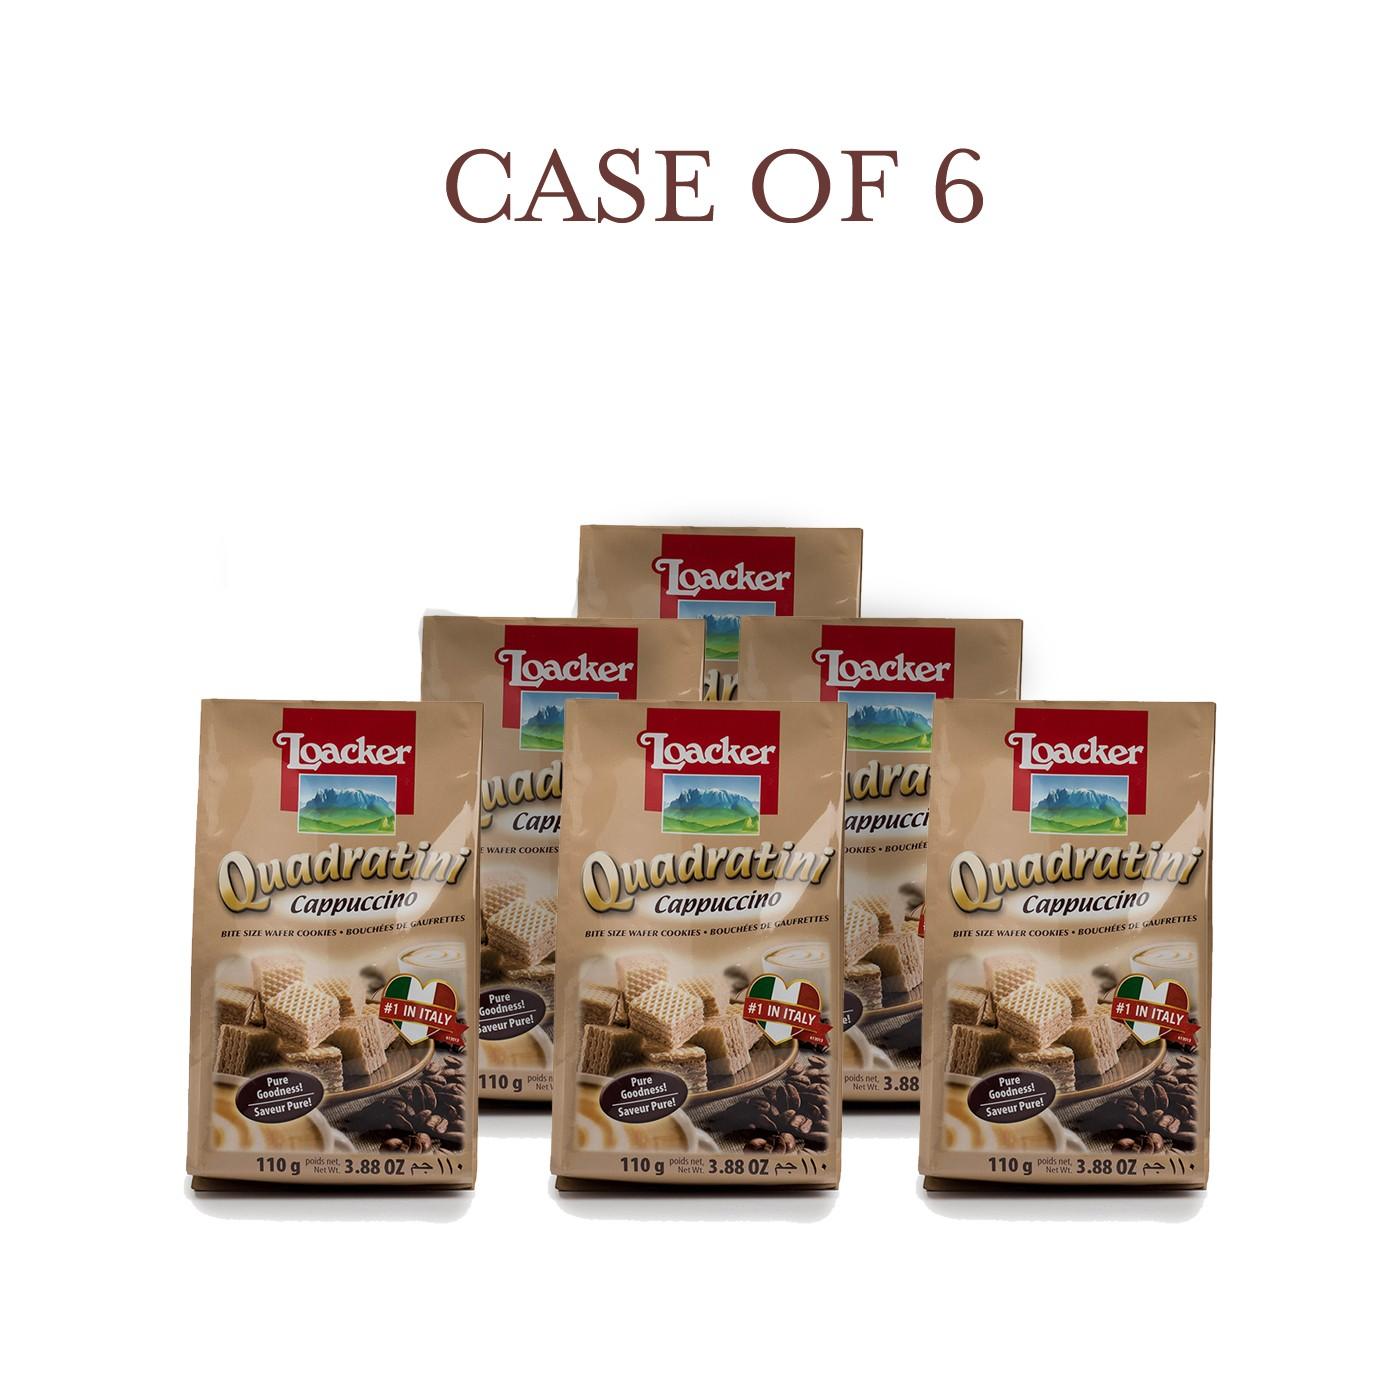 Cappuccino Quadratini - Case of 6